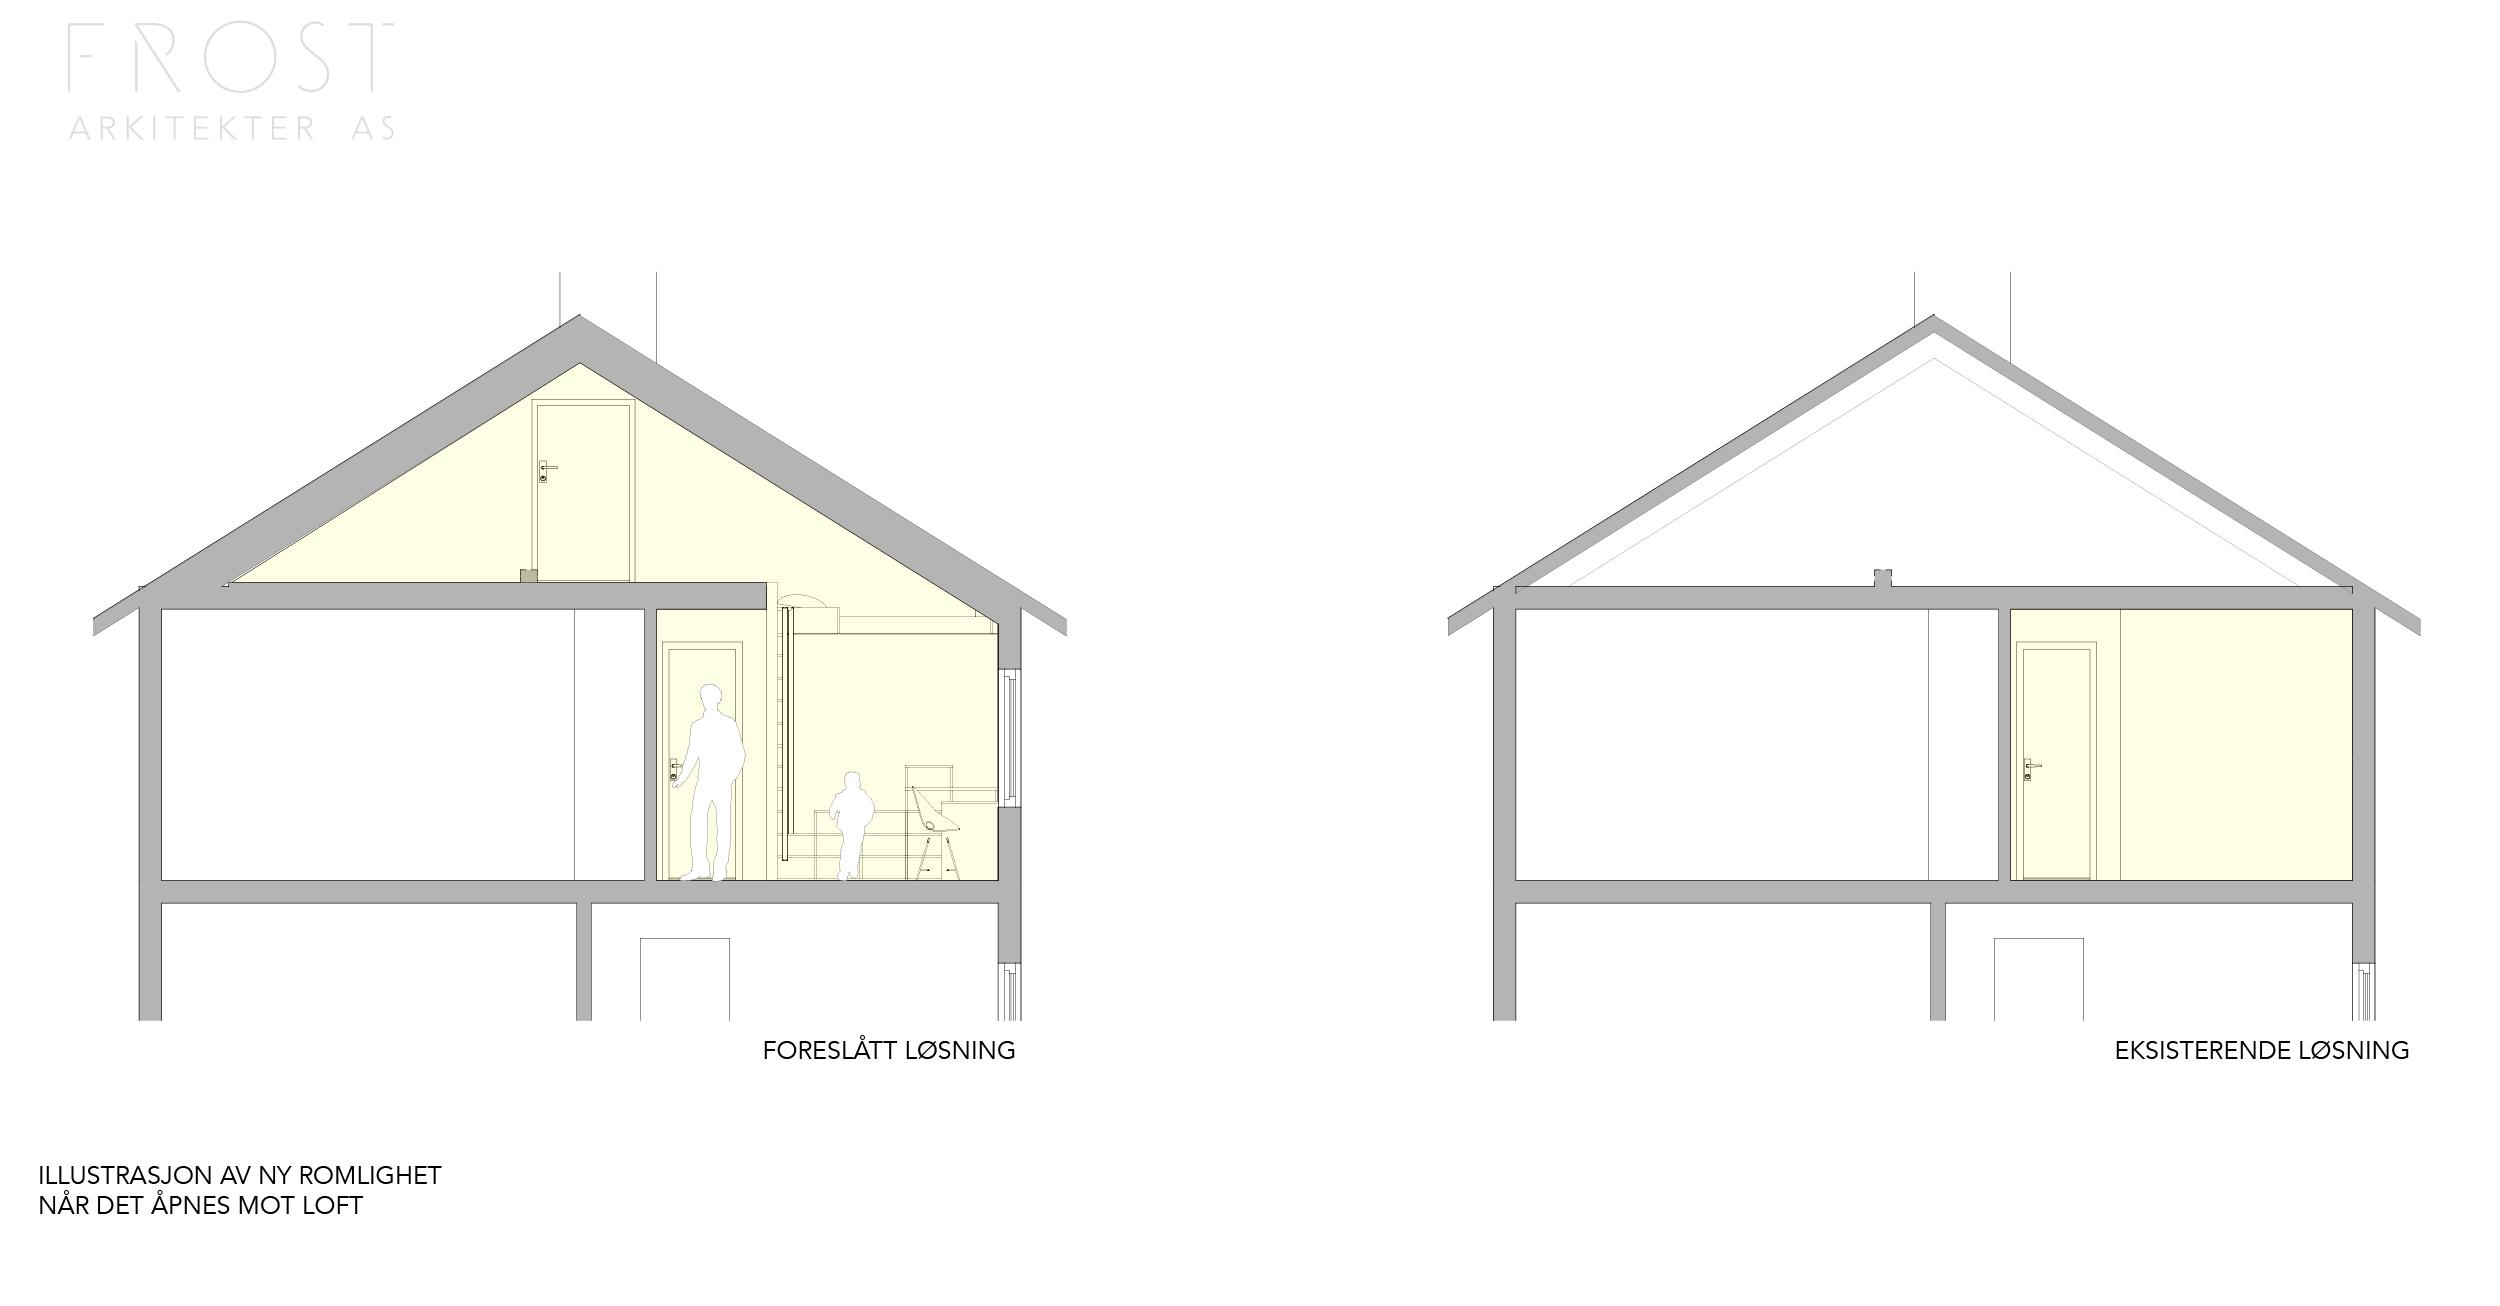 Utvidelse av rom  Illustrasjon som viser utvidelse av rom opp til loft.